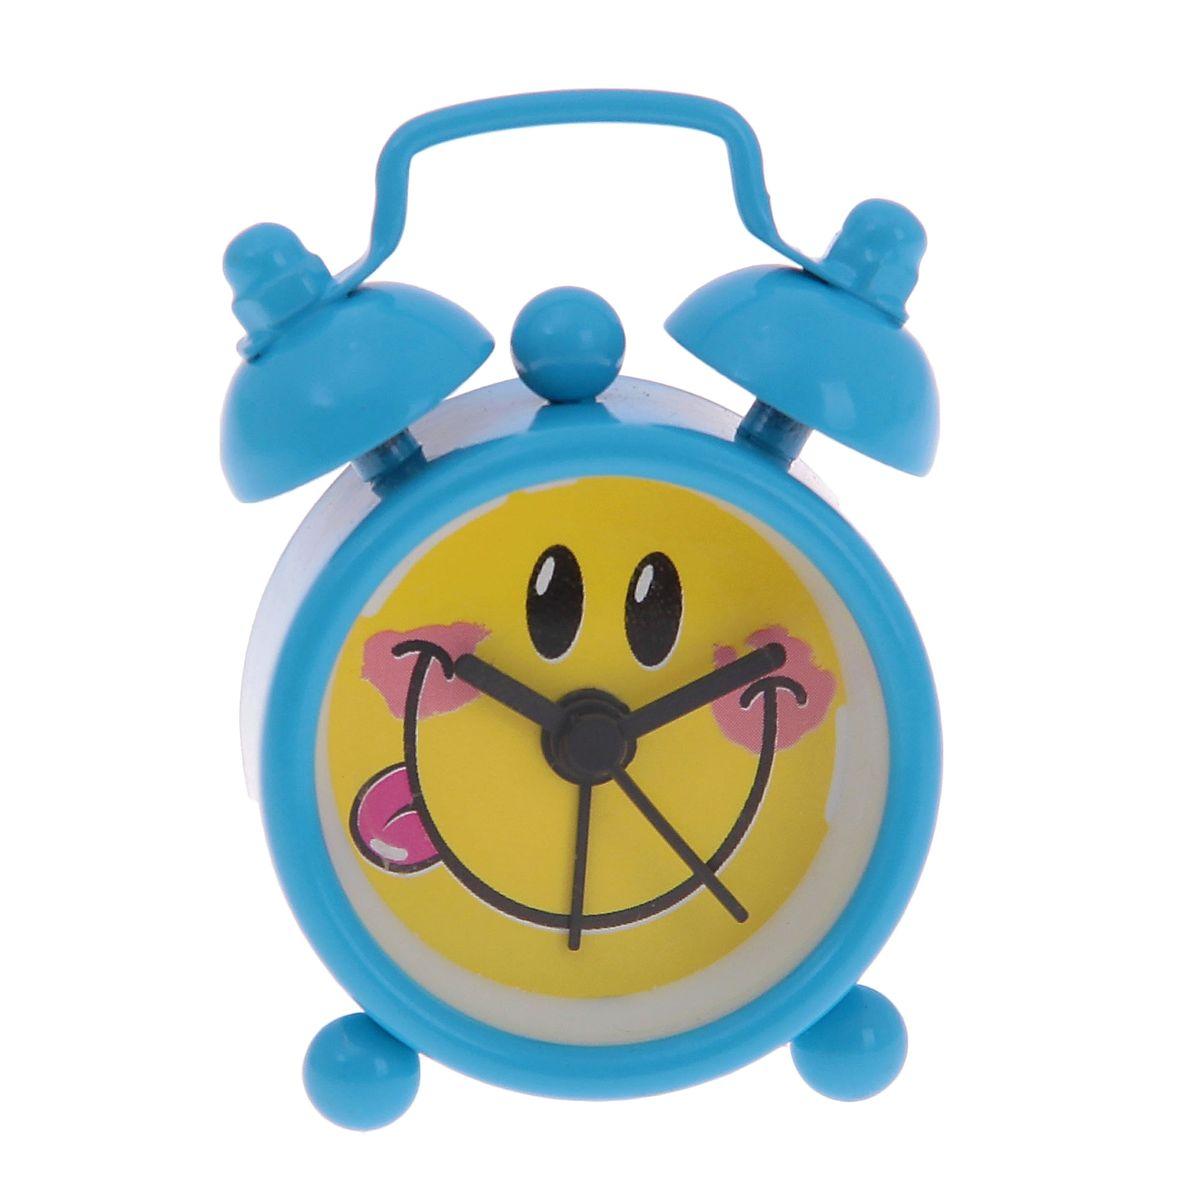 Часы-будильник Sima-land Смайлик, цвет: голубойRRM116-wКак же сложно иногда вставать вовремя! Всегда так хочется поспать еще хотя бы 5 минут и бывает, что мы просыпаем. Теперь этого не случится! Яркий, оригинальный будильник Sima-land Смайлик поможет вам всегда вставать в нужное время и успевать везде и всюду. Будильник украсит вашу комнату и приведет в восхищение друзей. Эта уменьшенная версия привычного будильника умещается на ладони и работает так же громко, как и привычные аналоги. Время показывает точно и будит в установленный час.На задней панели будильника расположены переключатель включения/выключения механизма, а также два колесика для настройки текущего времени и времени звонка будильника.Будильник работает от 1 батарейки типа LR44 (входит в комплект).